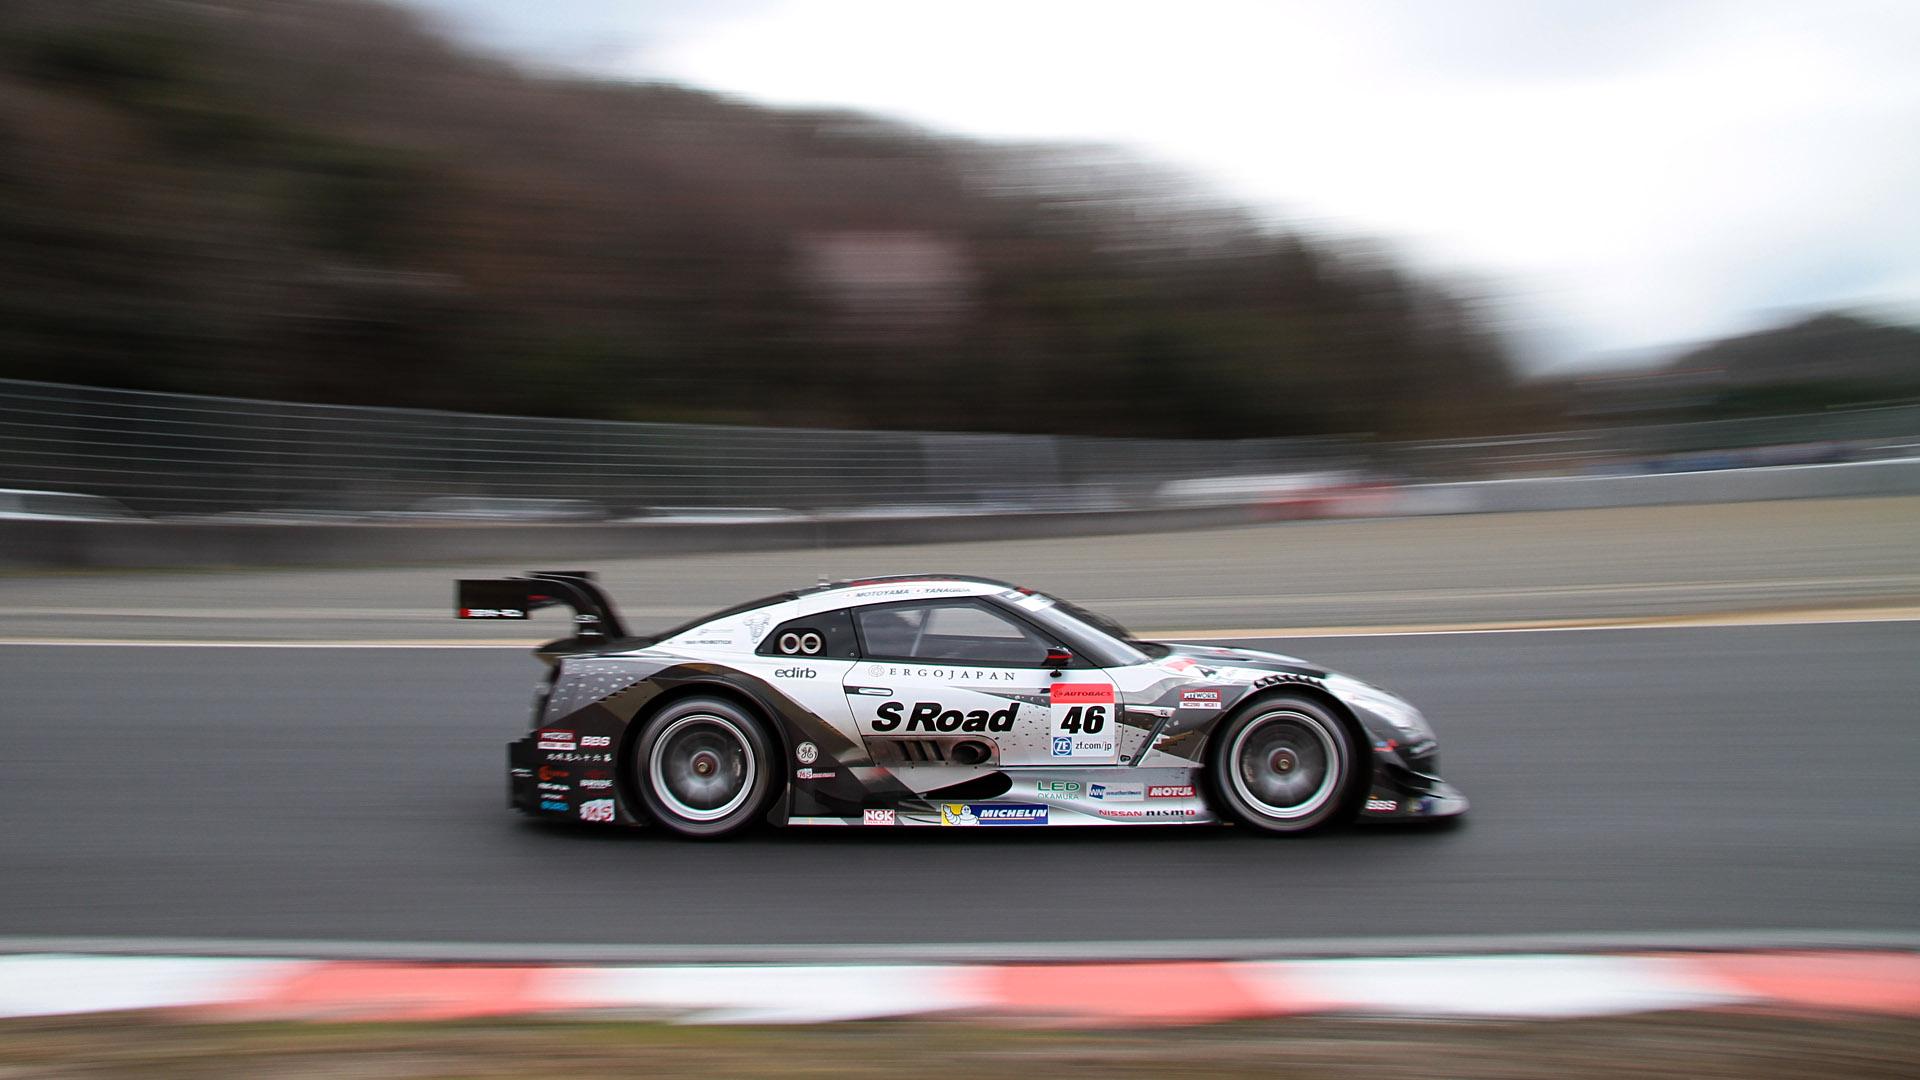 シャッター速度1/30秒。SUPER GT第1戦岡山にて撮影